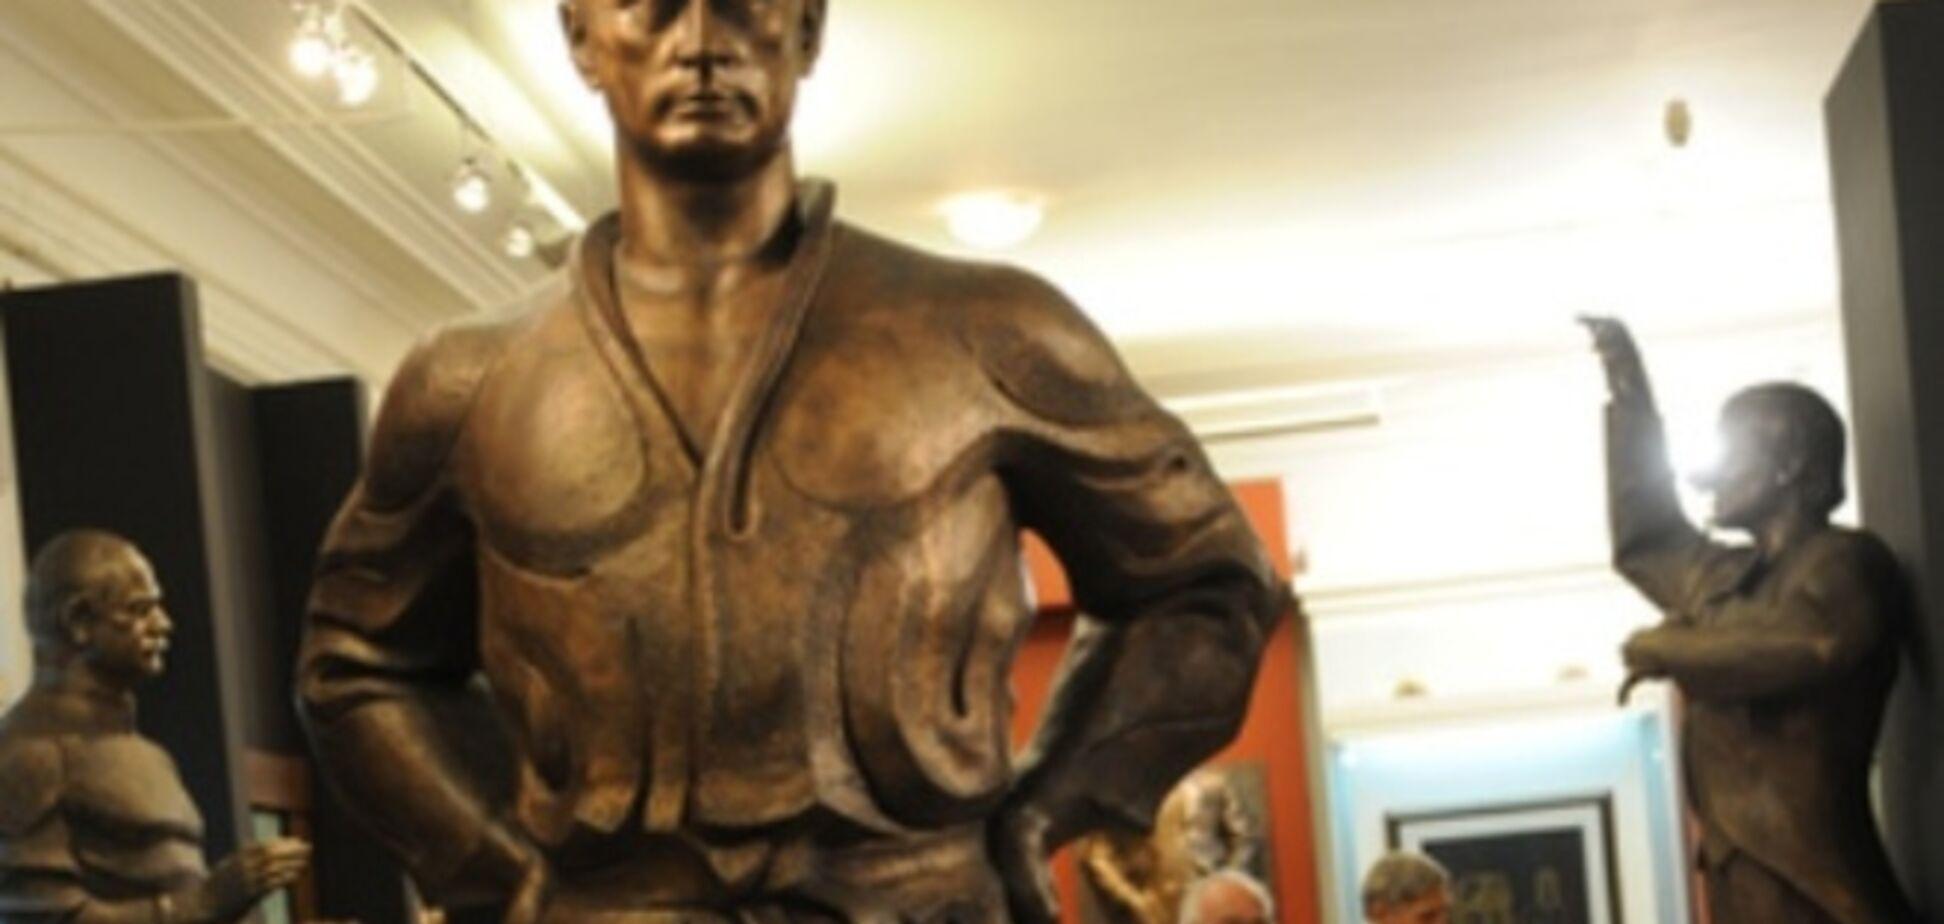 В Санкт-Петербурге появится памятник Путину и казненному казачьему атаману, воевавшему на стороне Гитлера